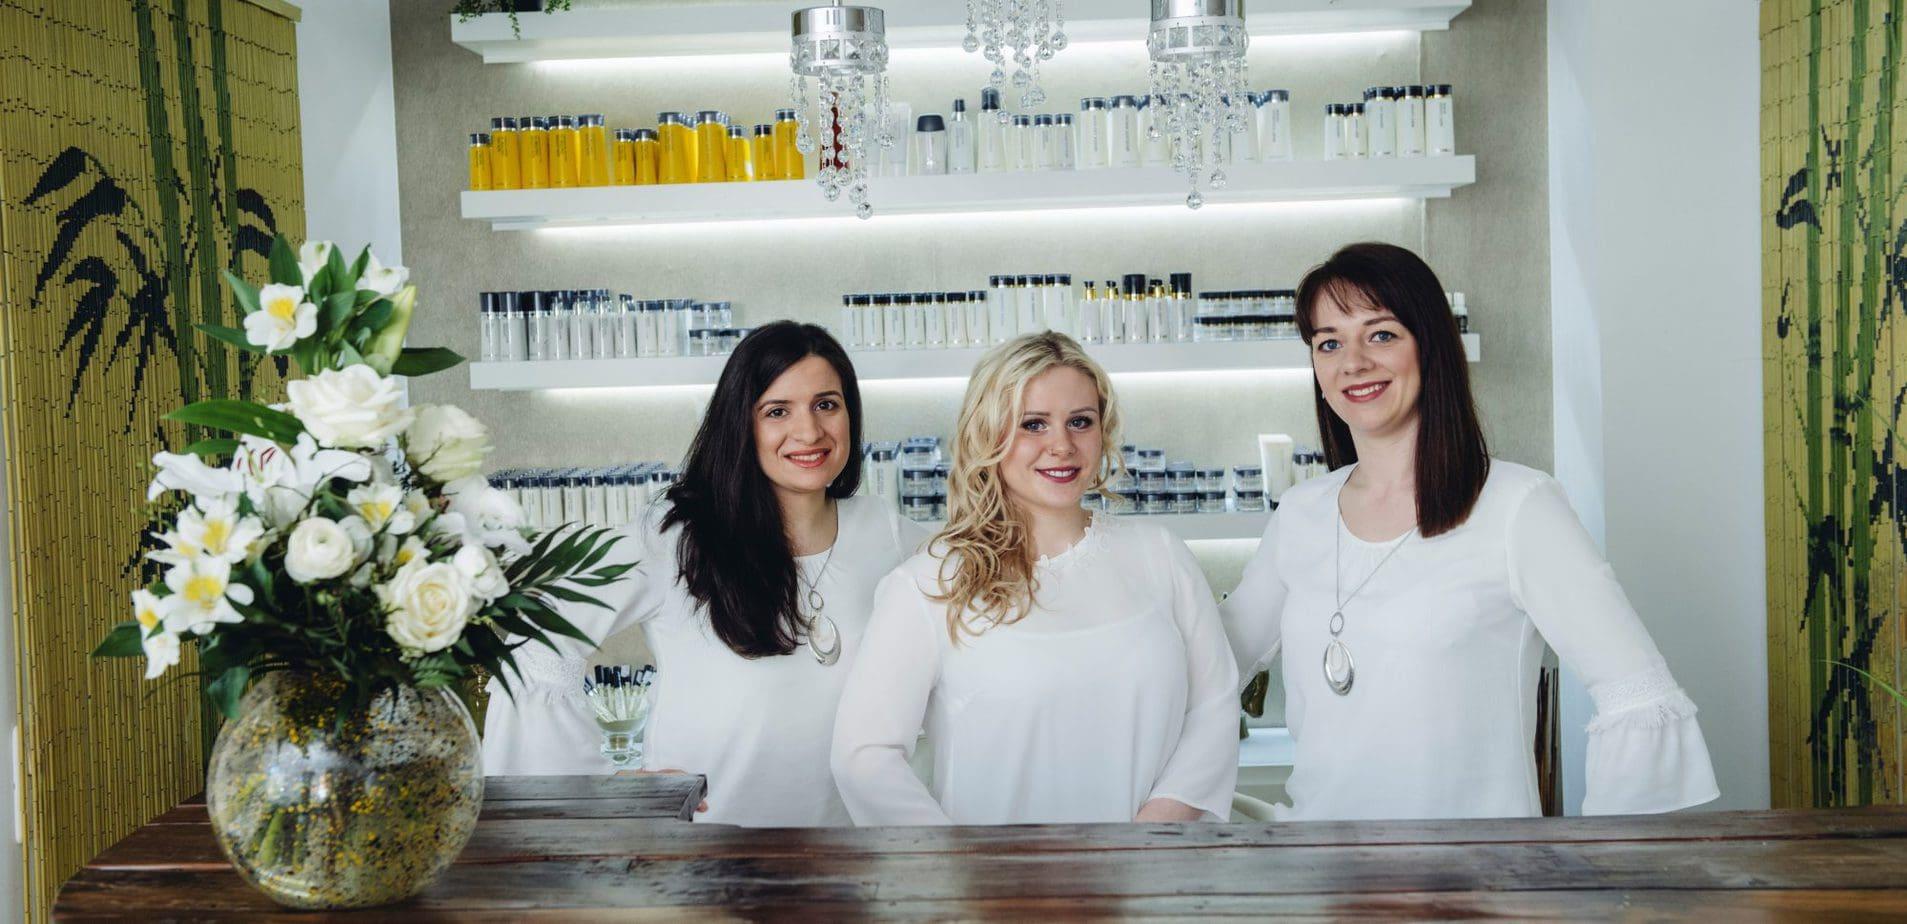 Brummer Kosmetik Team